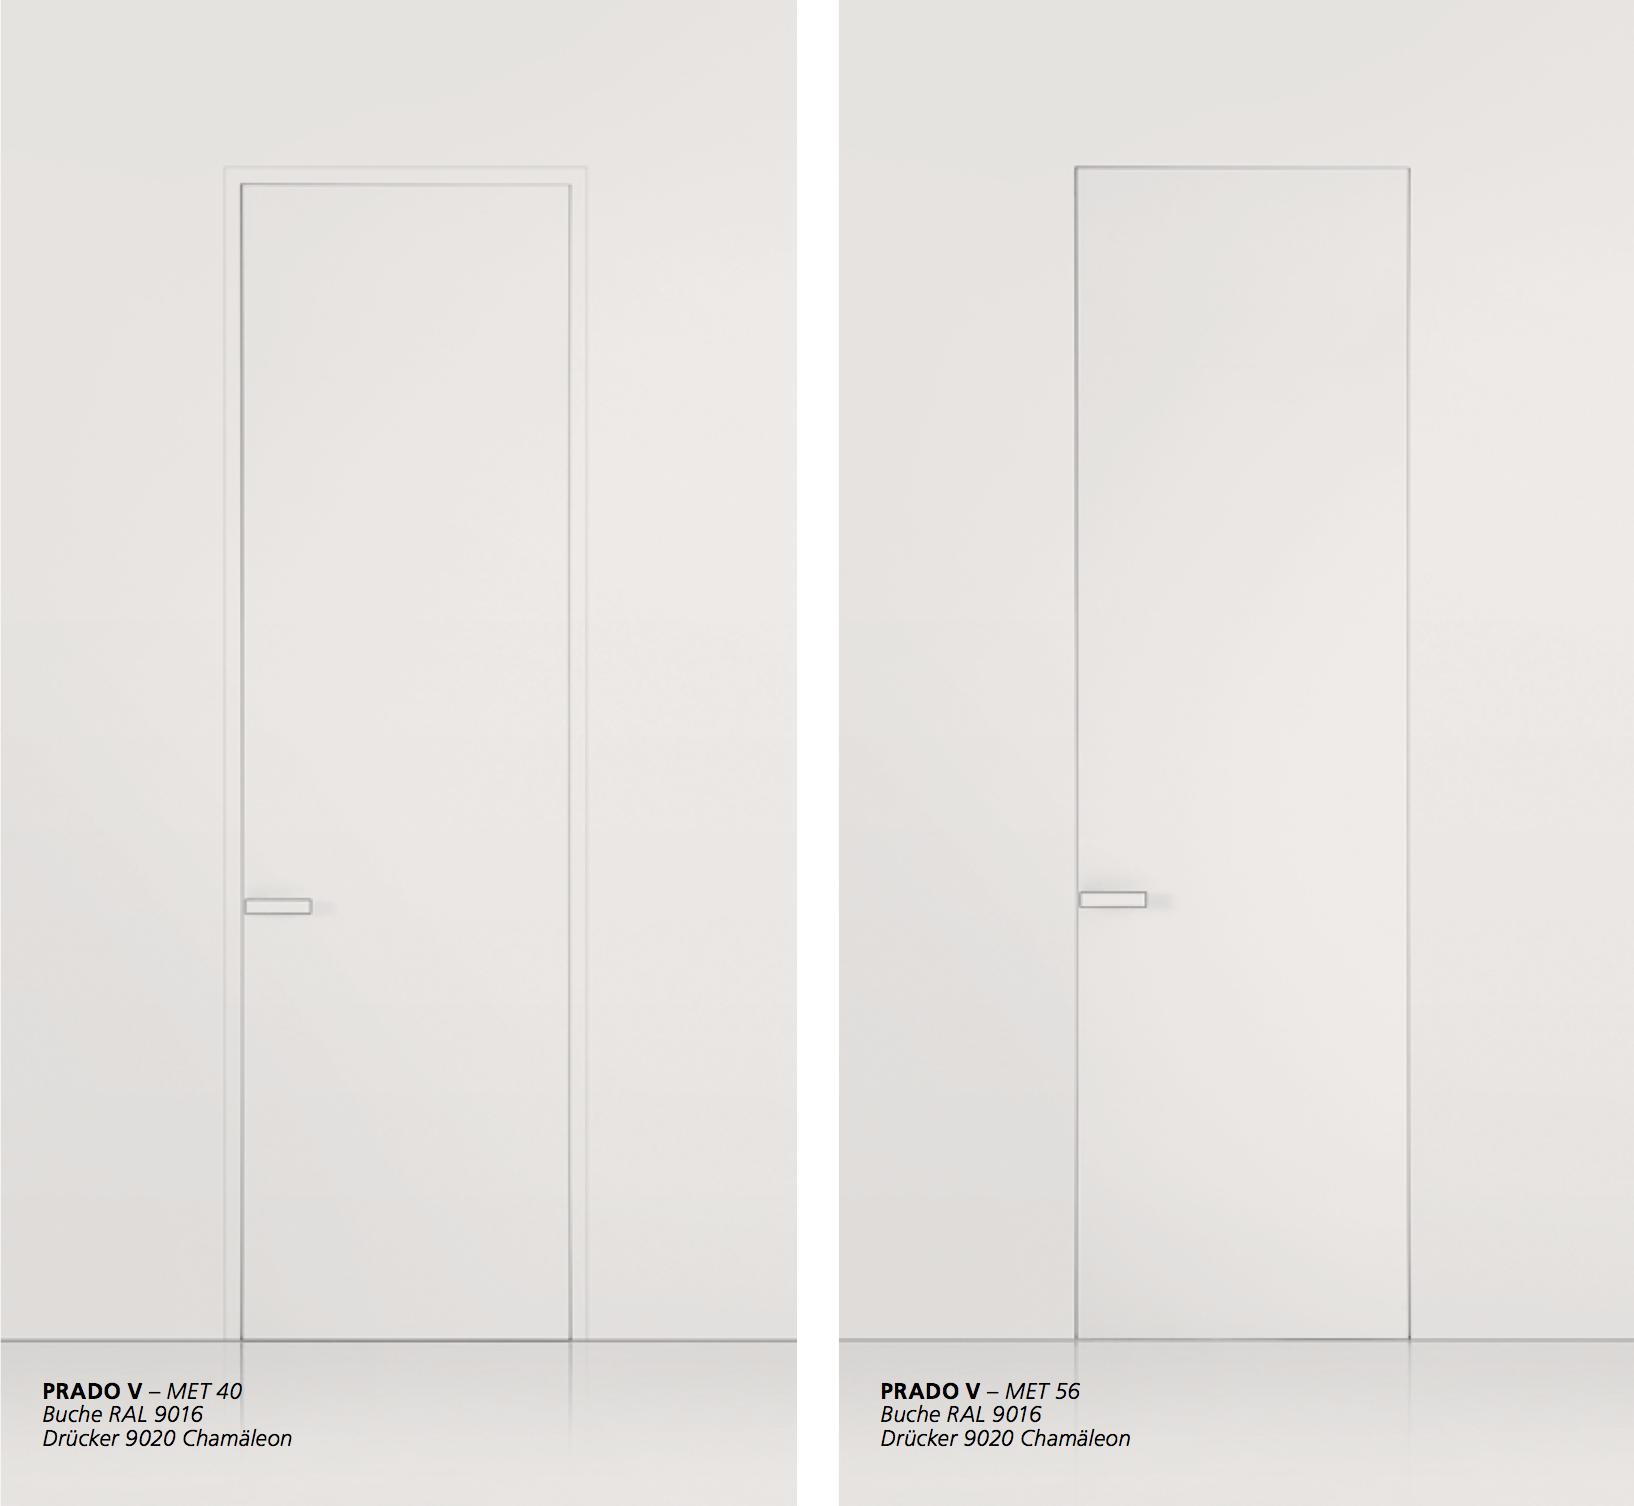 Moderne innentüren eiche josko  MET Josko Innentüren. | GOBERG 32 - Ausstattung | Pinterest ...